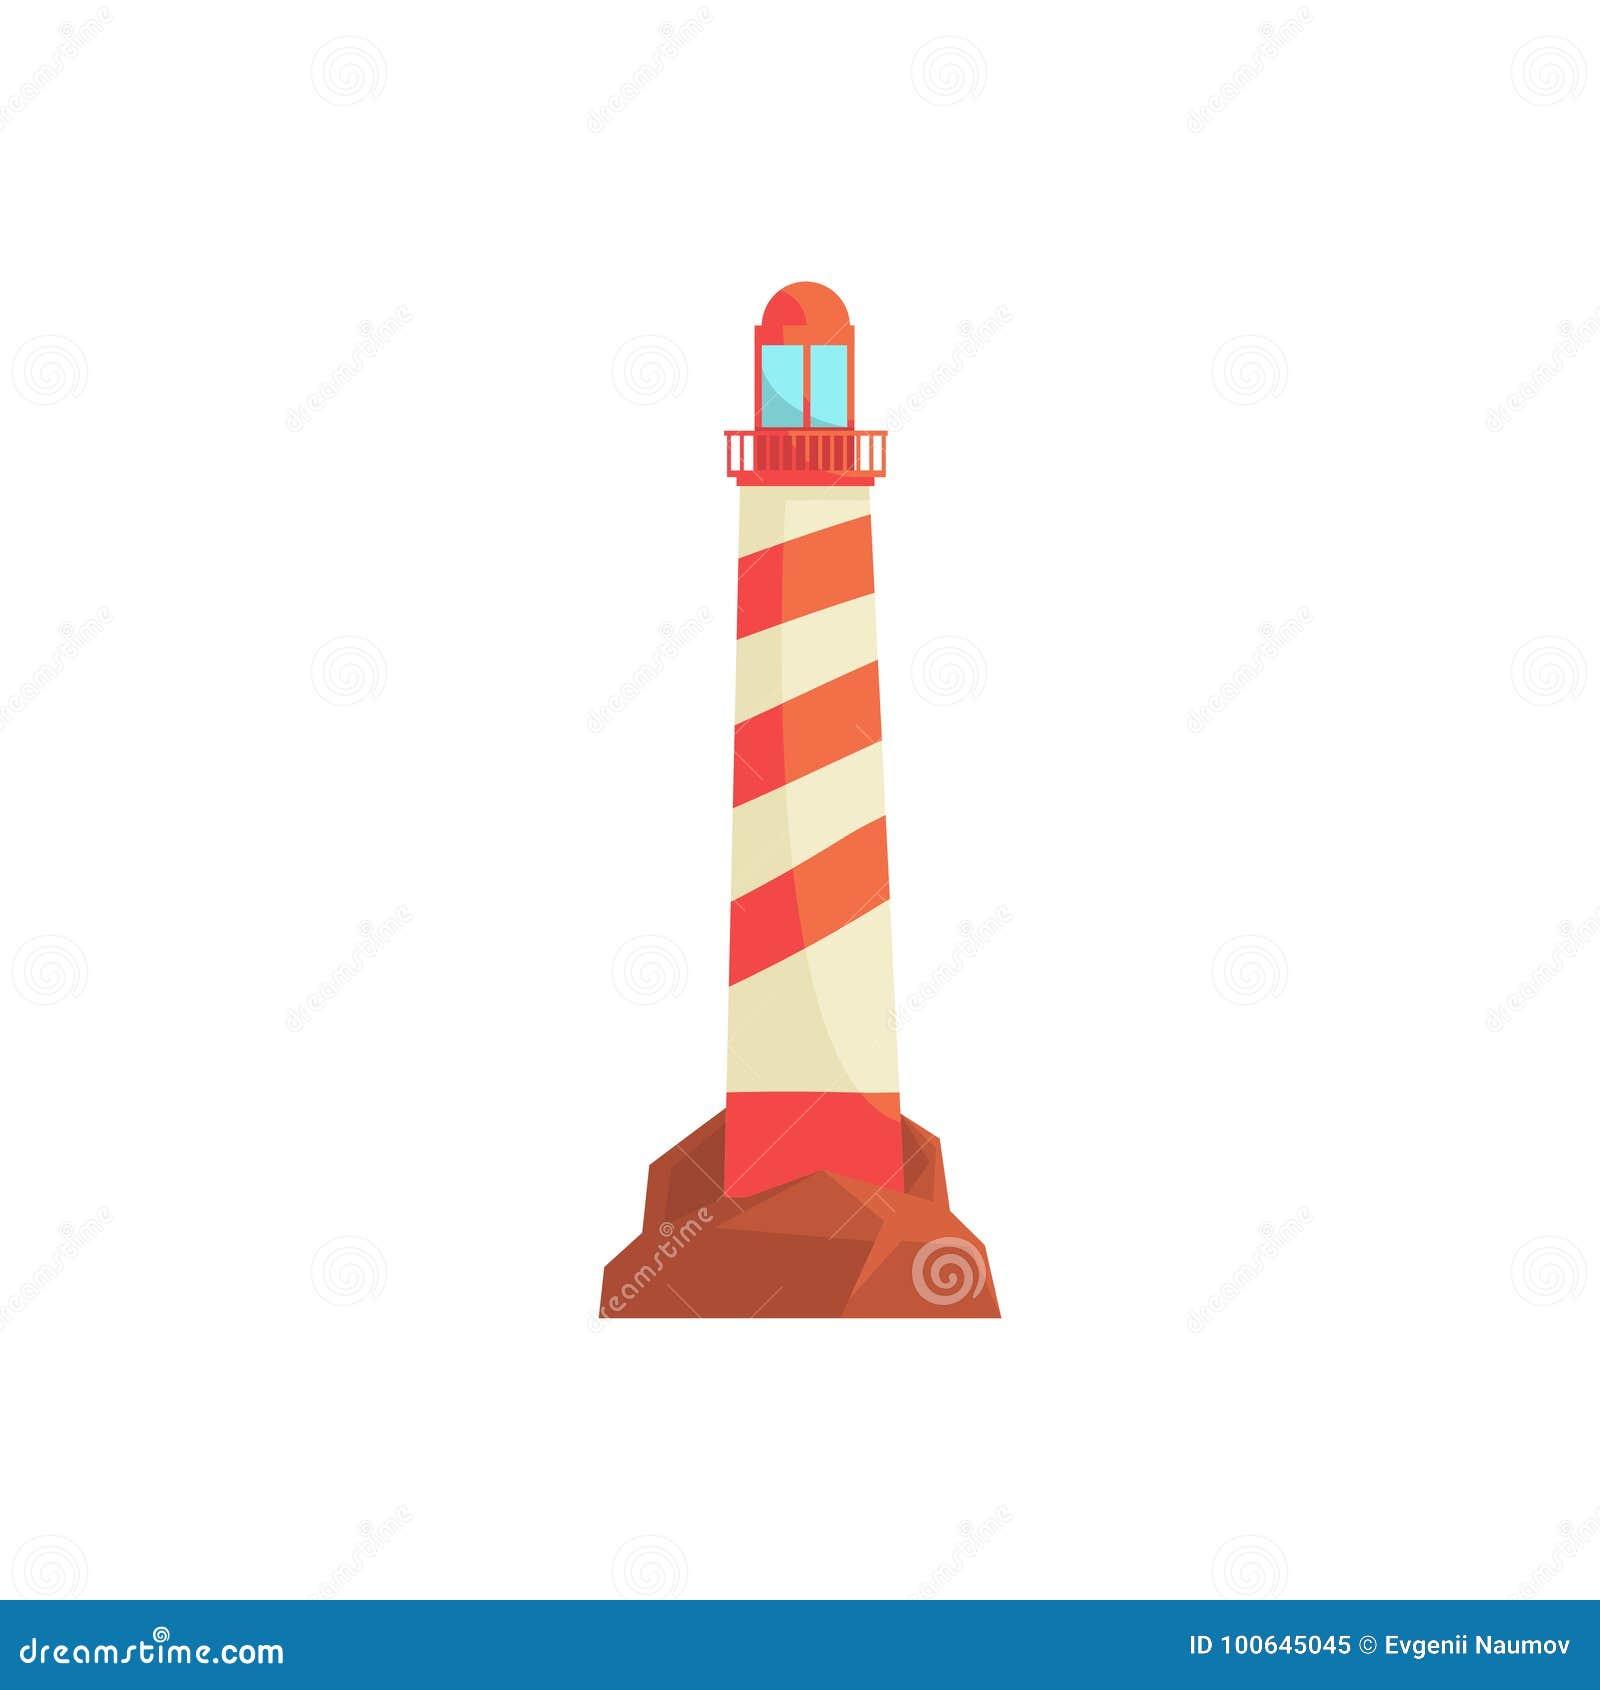 Φάρος, ωκεάνιο αναγνωριστικό σήμα, πύργος προβολέων για τη θαλάσσια διανυσματική απεικόνιση καθοδήγησης ναυσιπλοΐας